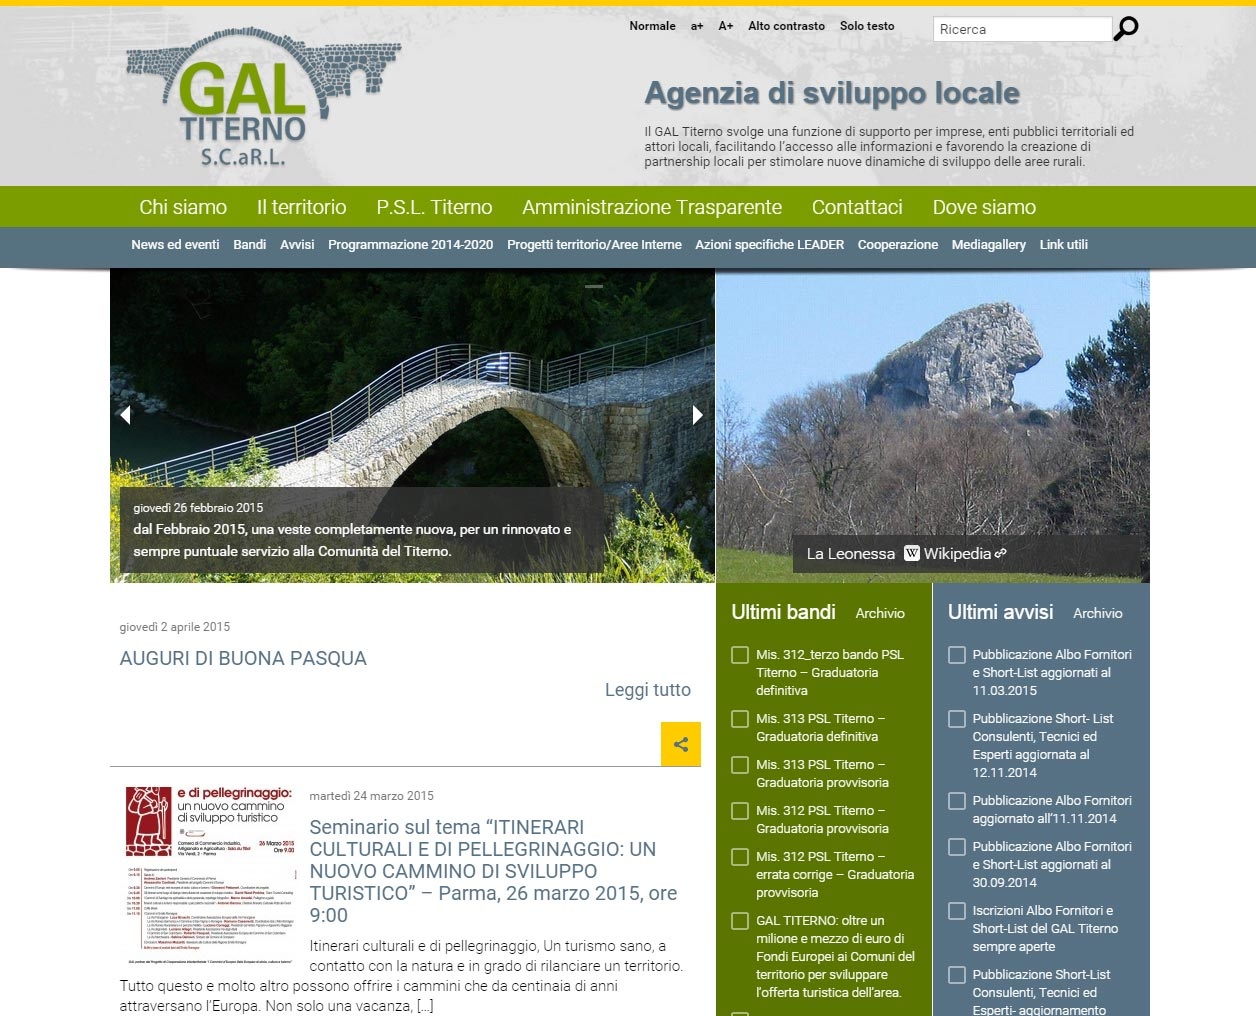 GAL Titerno, promozione del territorio